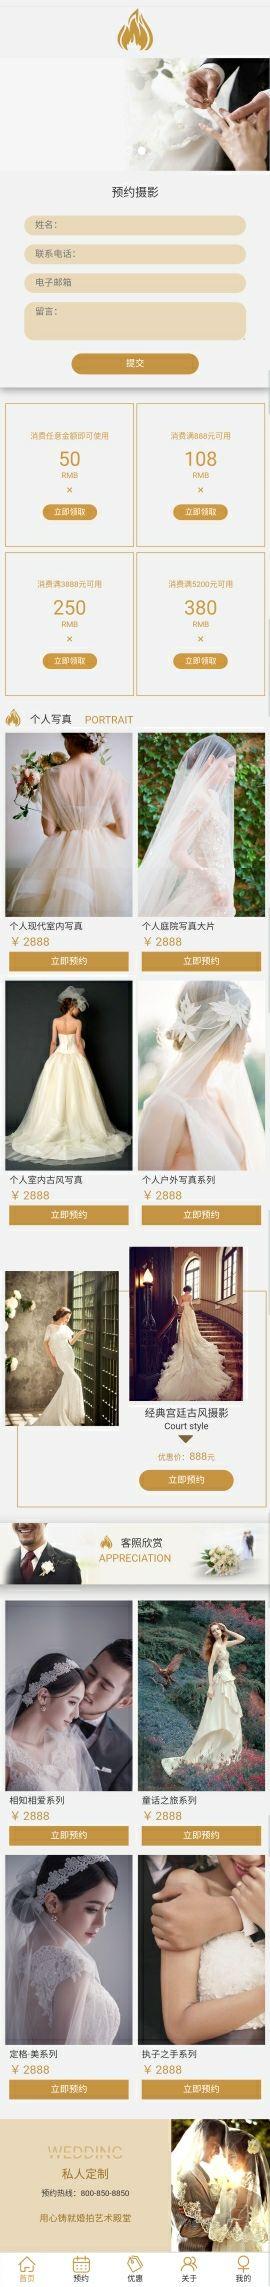 意舍婚纱摄影预约小程序模板